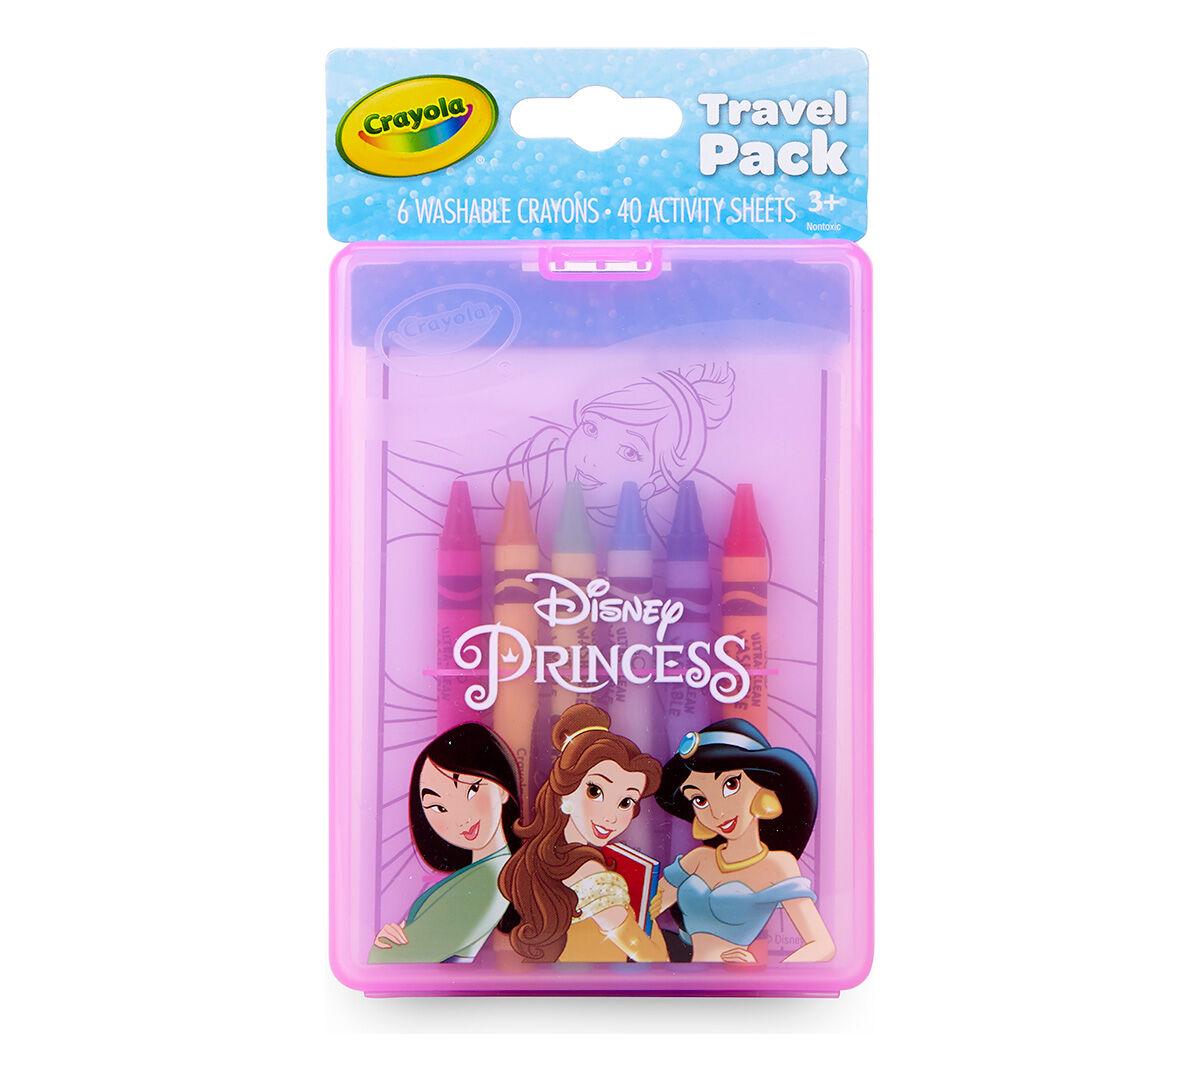 Disney Princess Coloring & Travel Kit For Kids Crayola.com Crayola